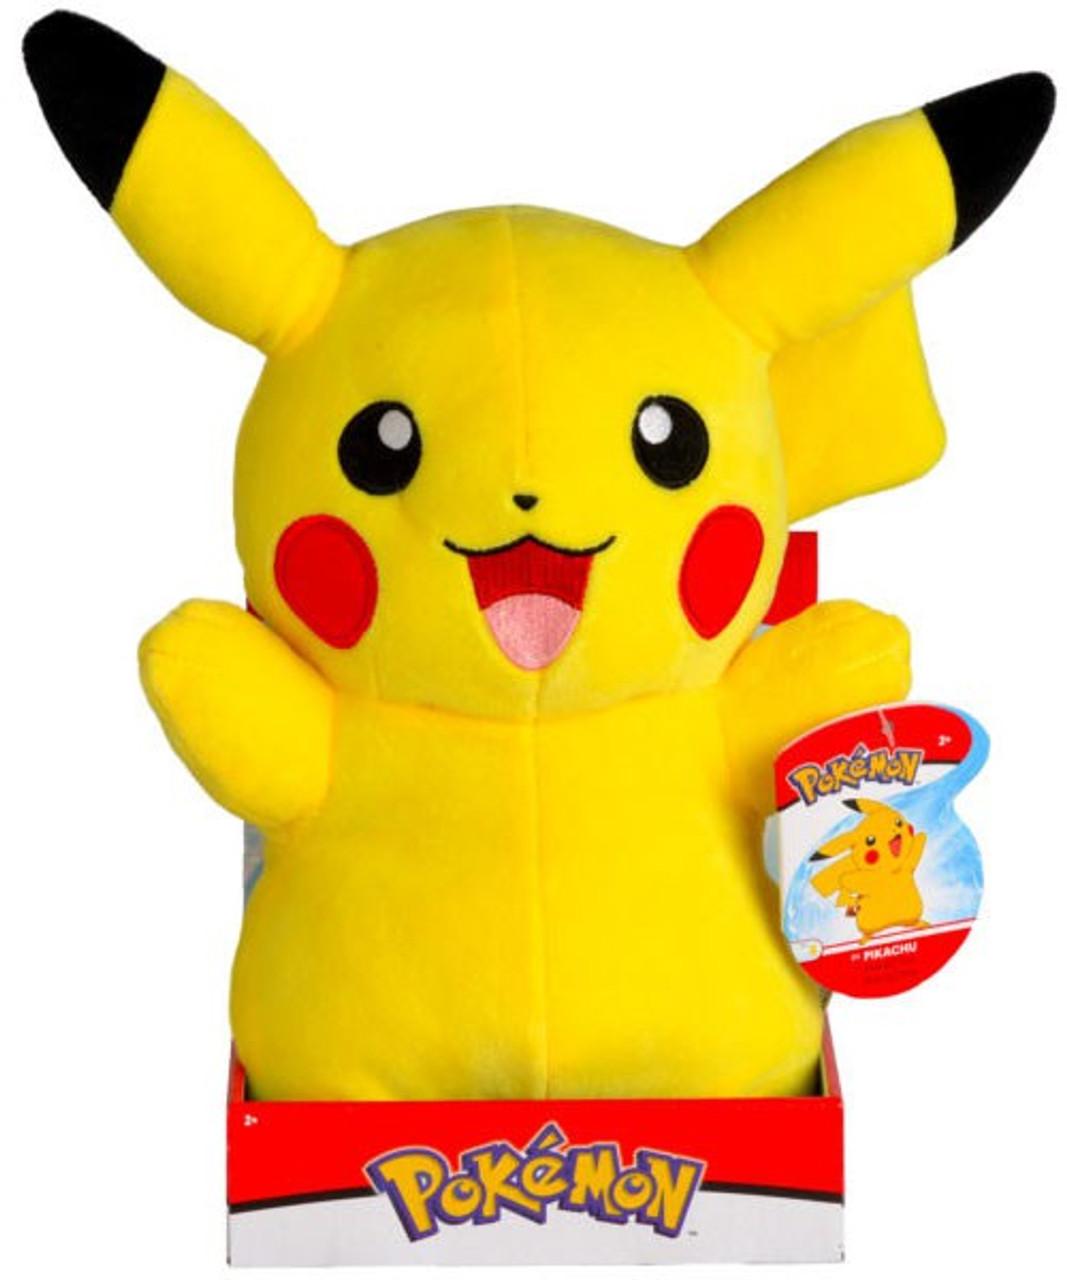 My Little Pony Pikachu Roblox Pokemon Pikachu 12 Plush Wicked Cool Toys Toywiz